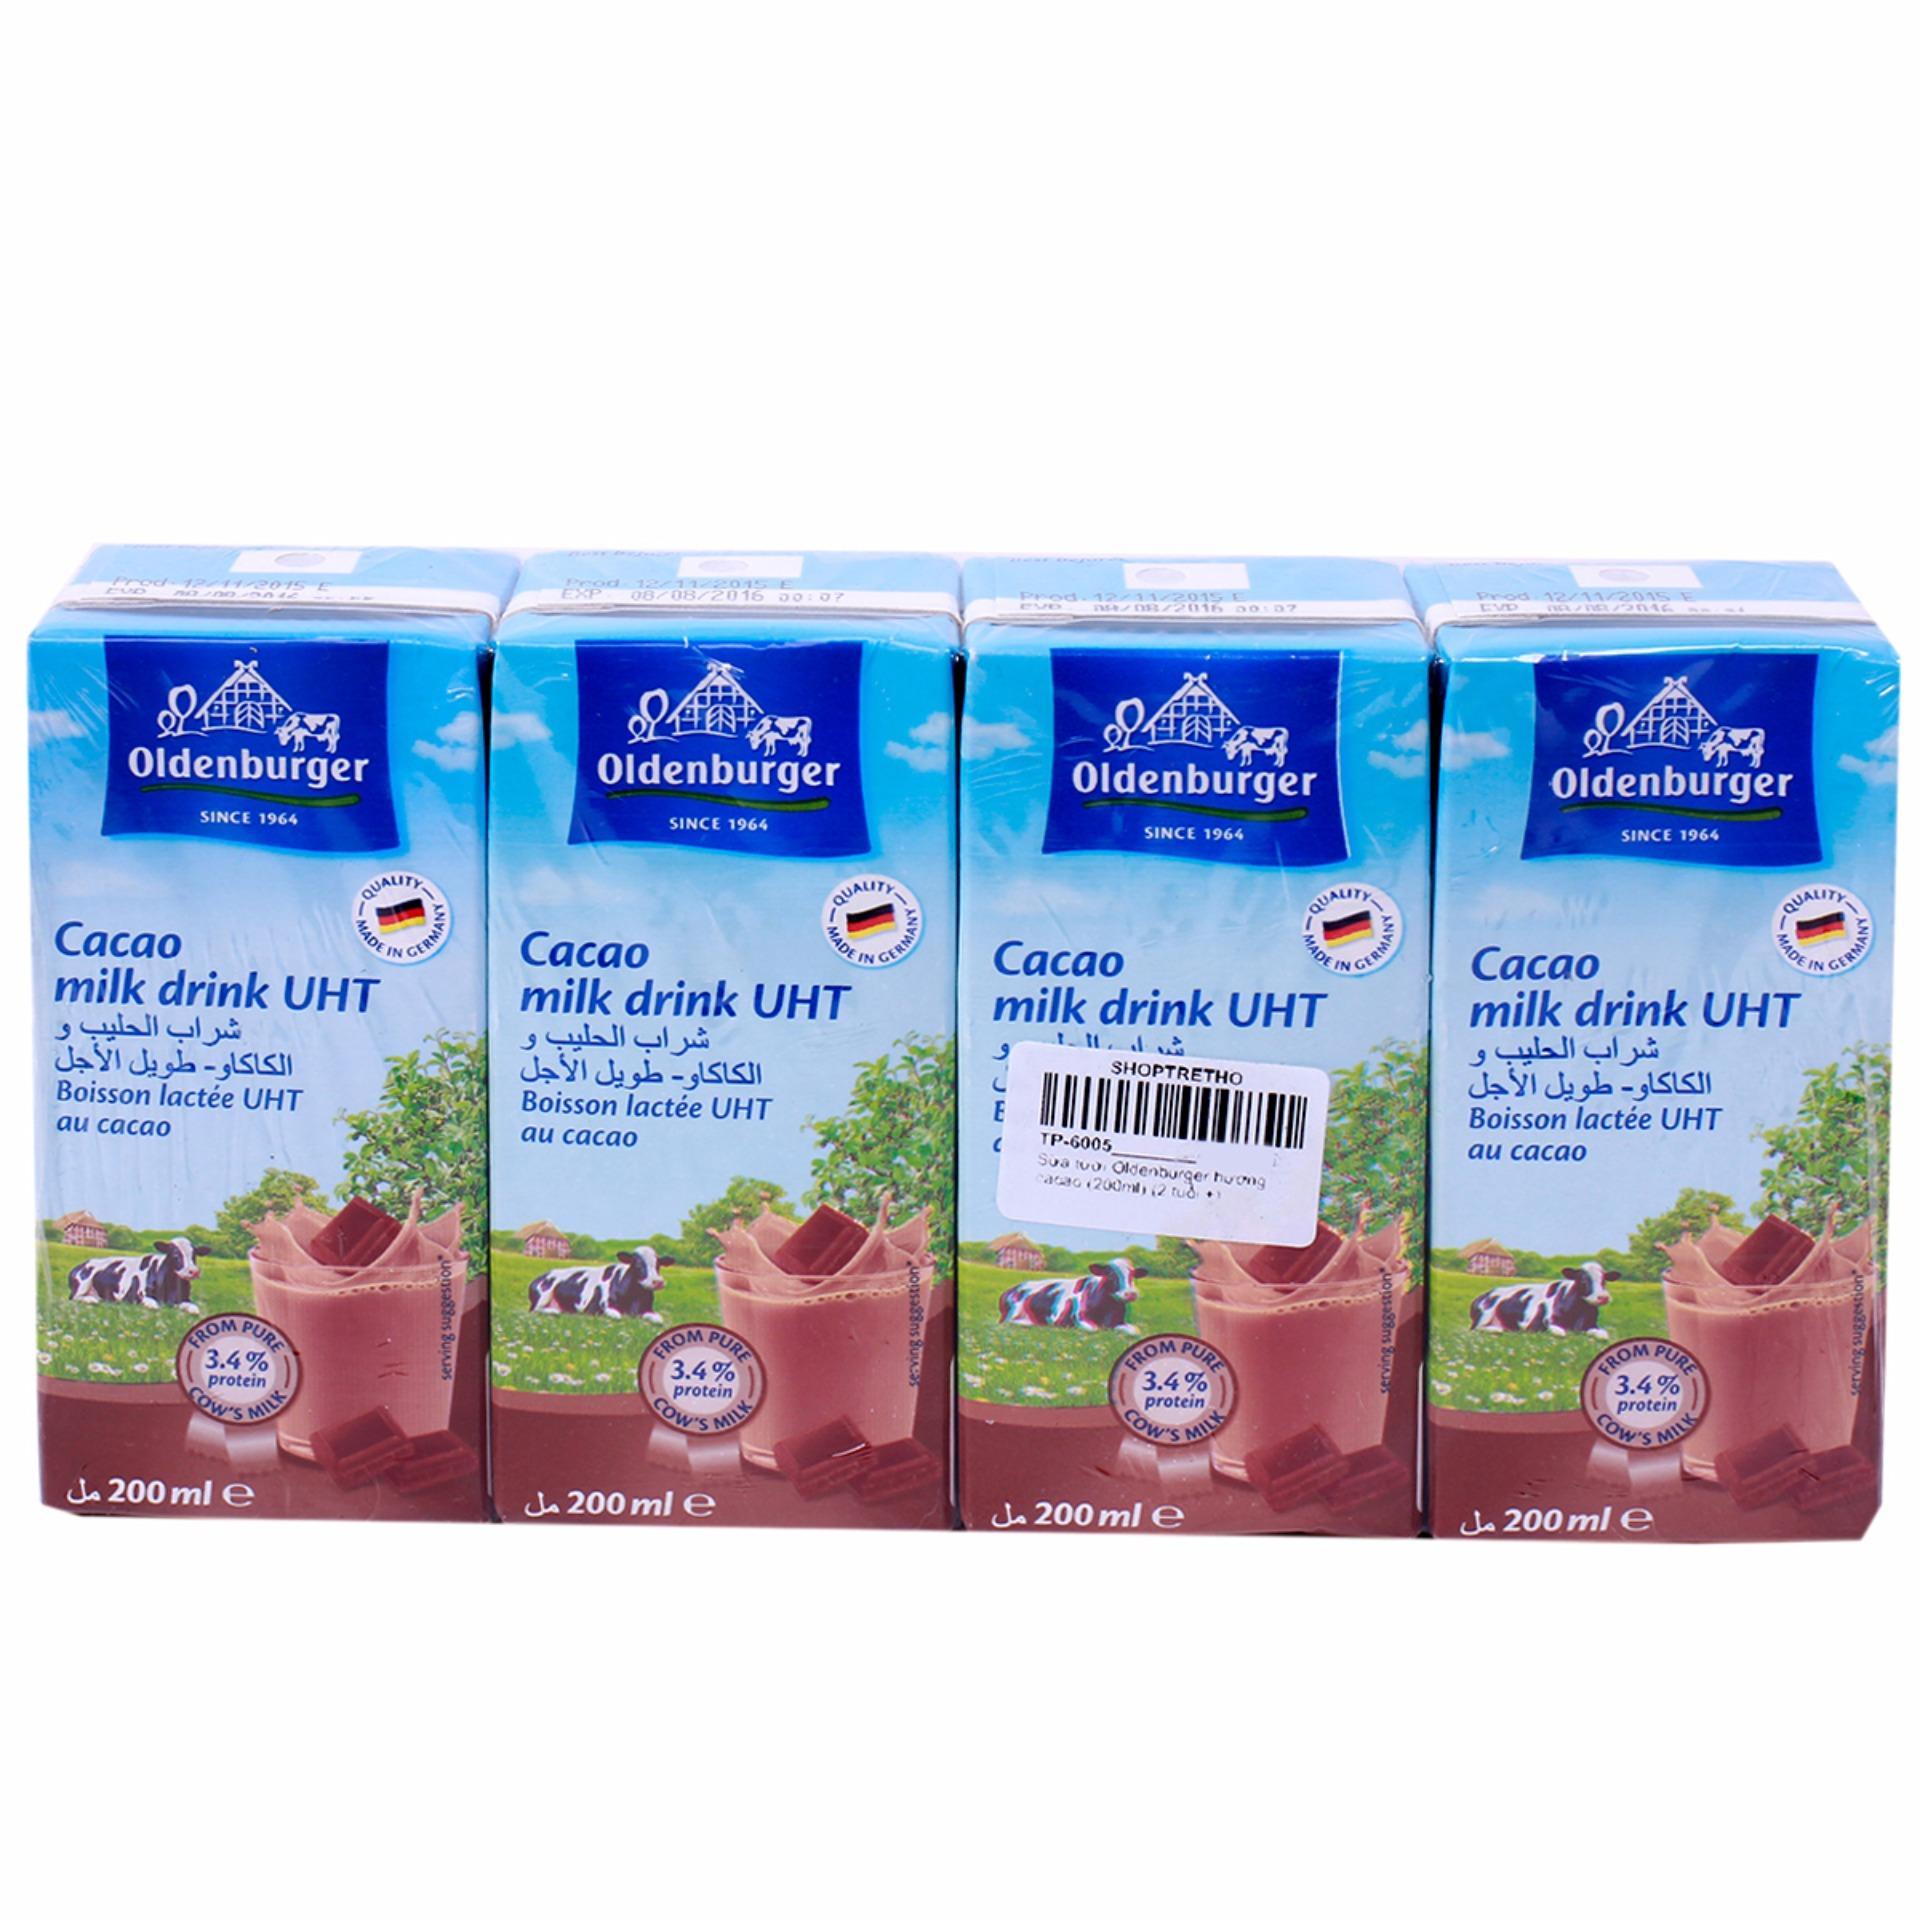 Thùng 24 hộp Sữa Tươi Oldenburger 200ml vị Caca0